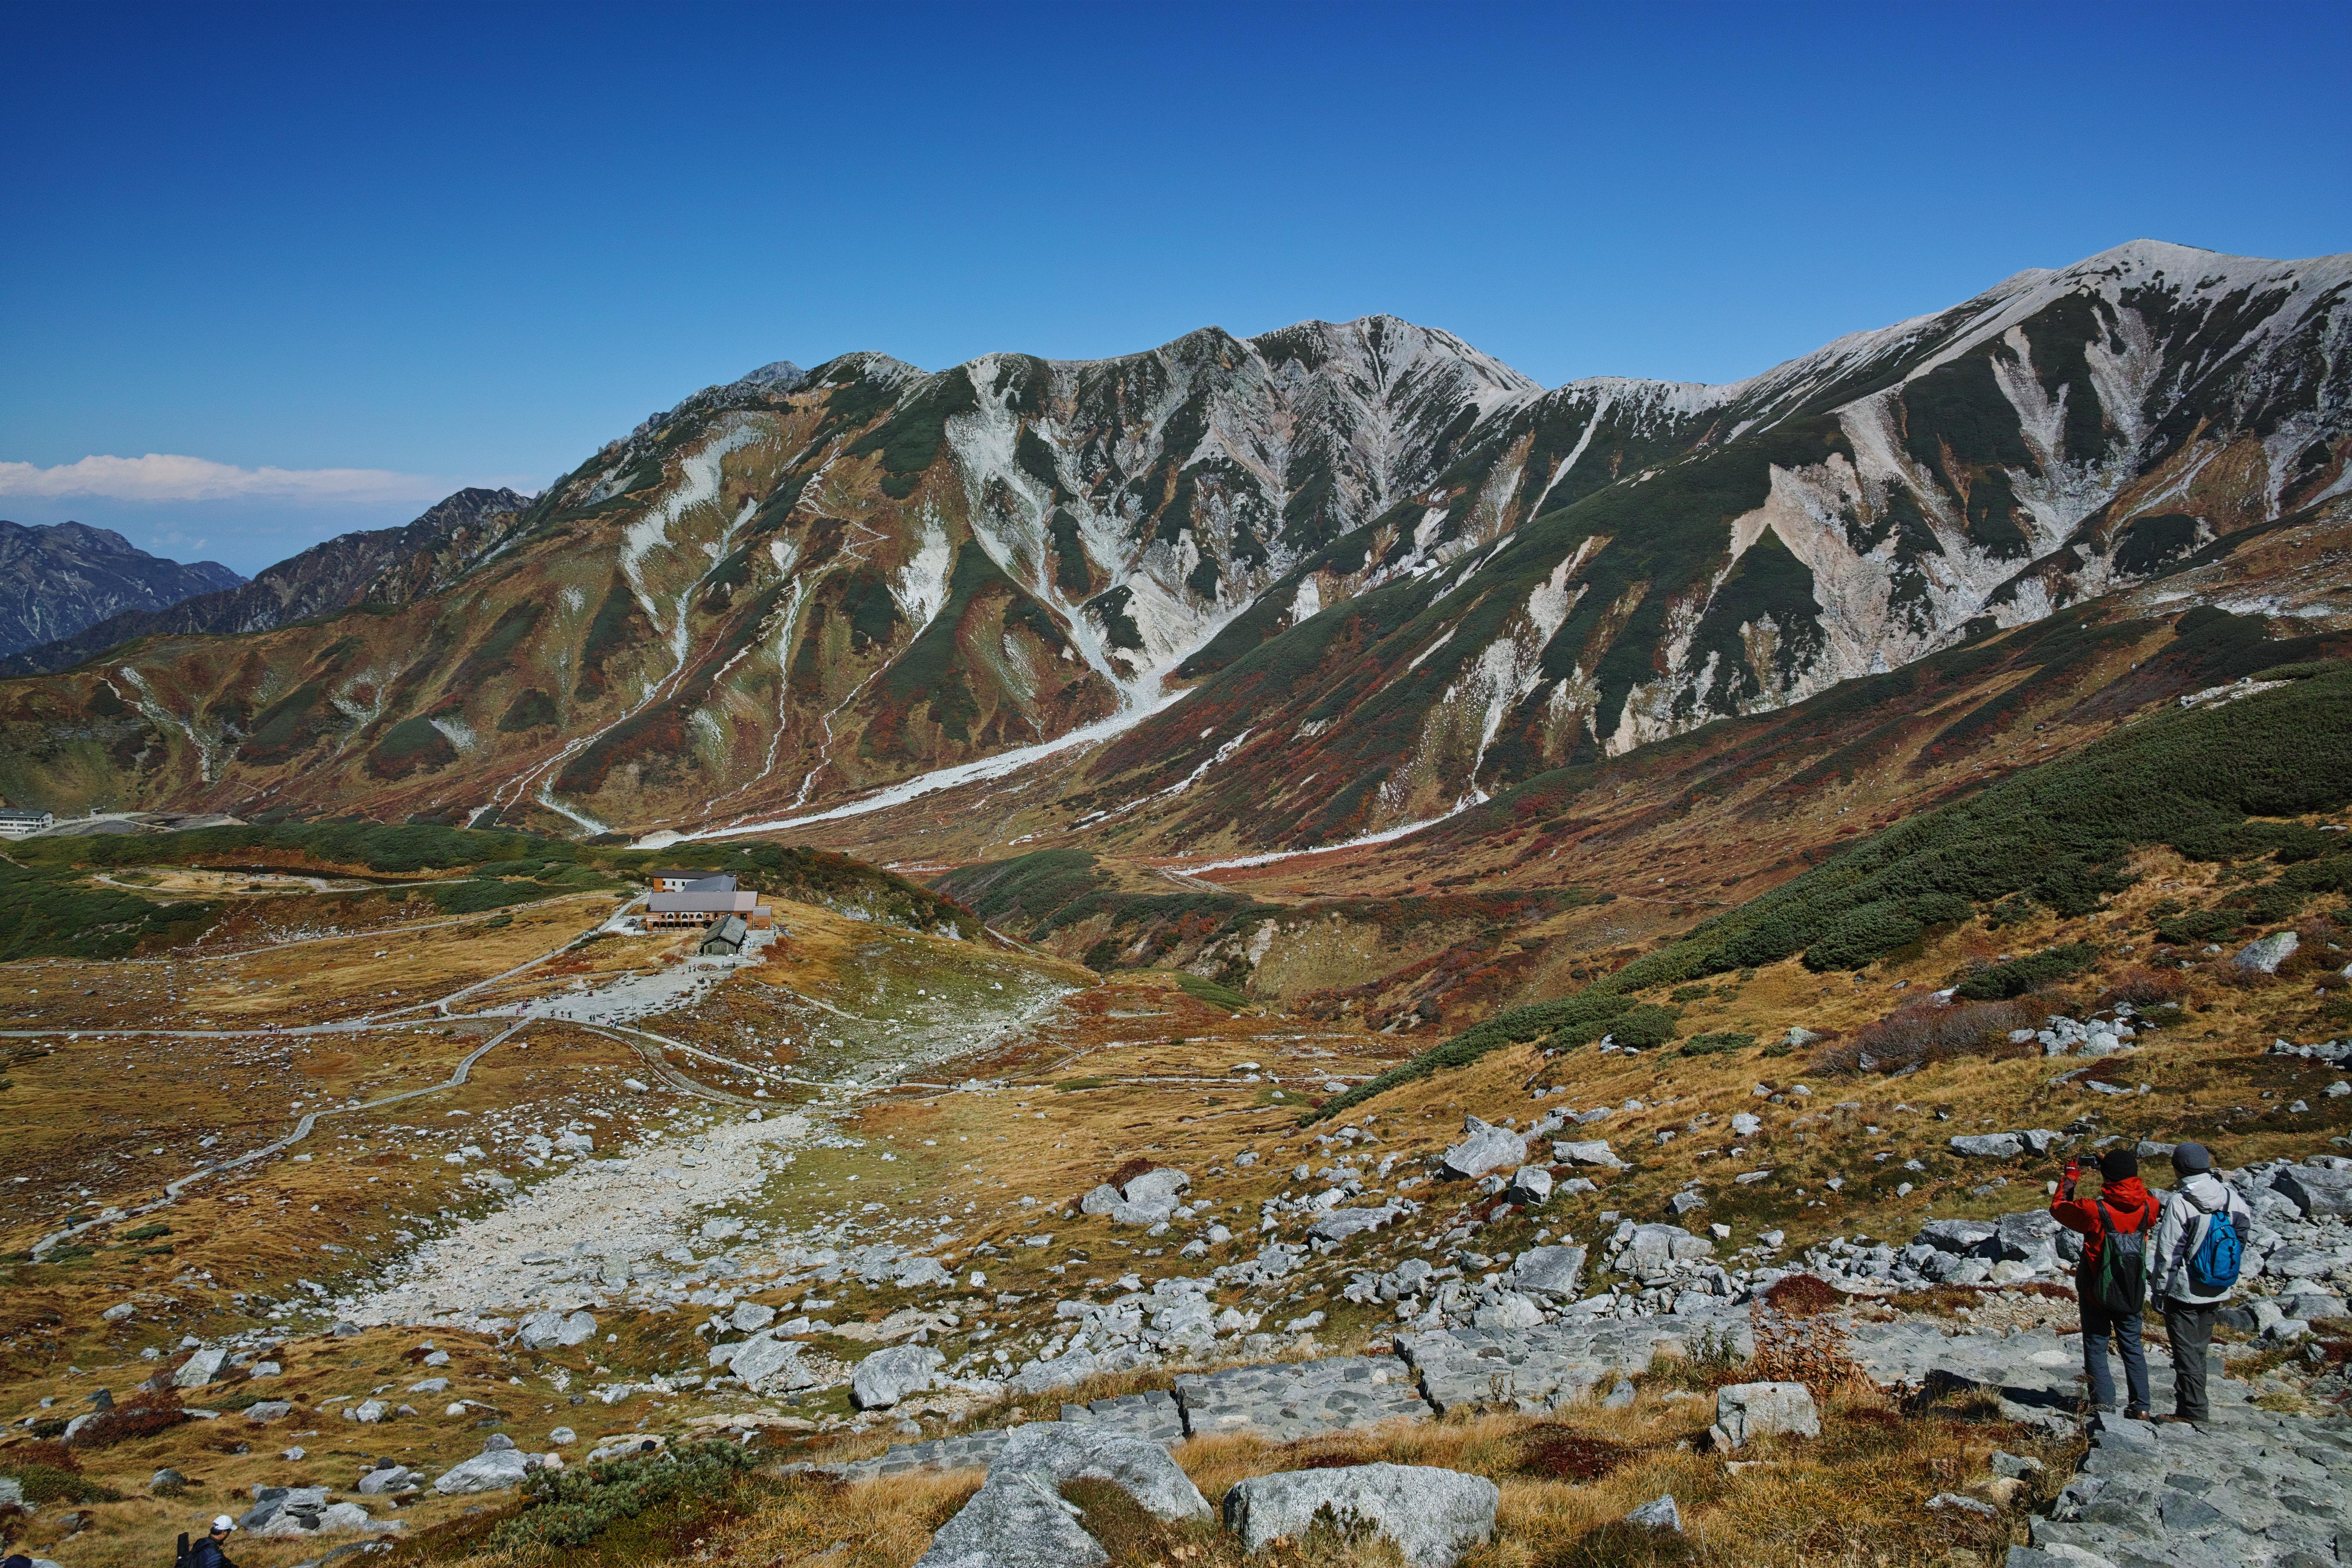 秋山歩き(Autumn walking